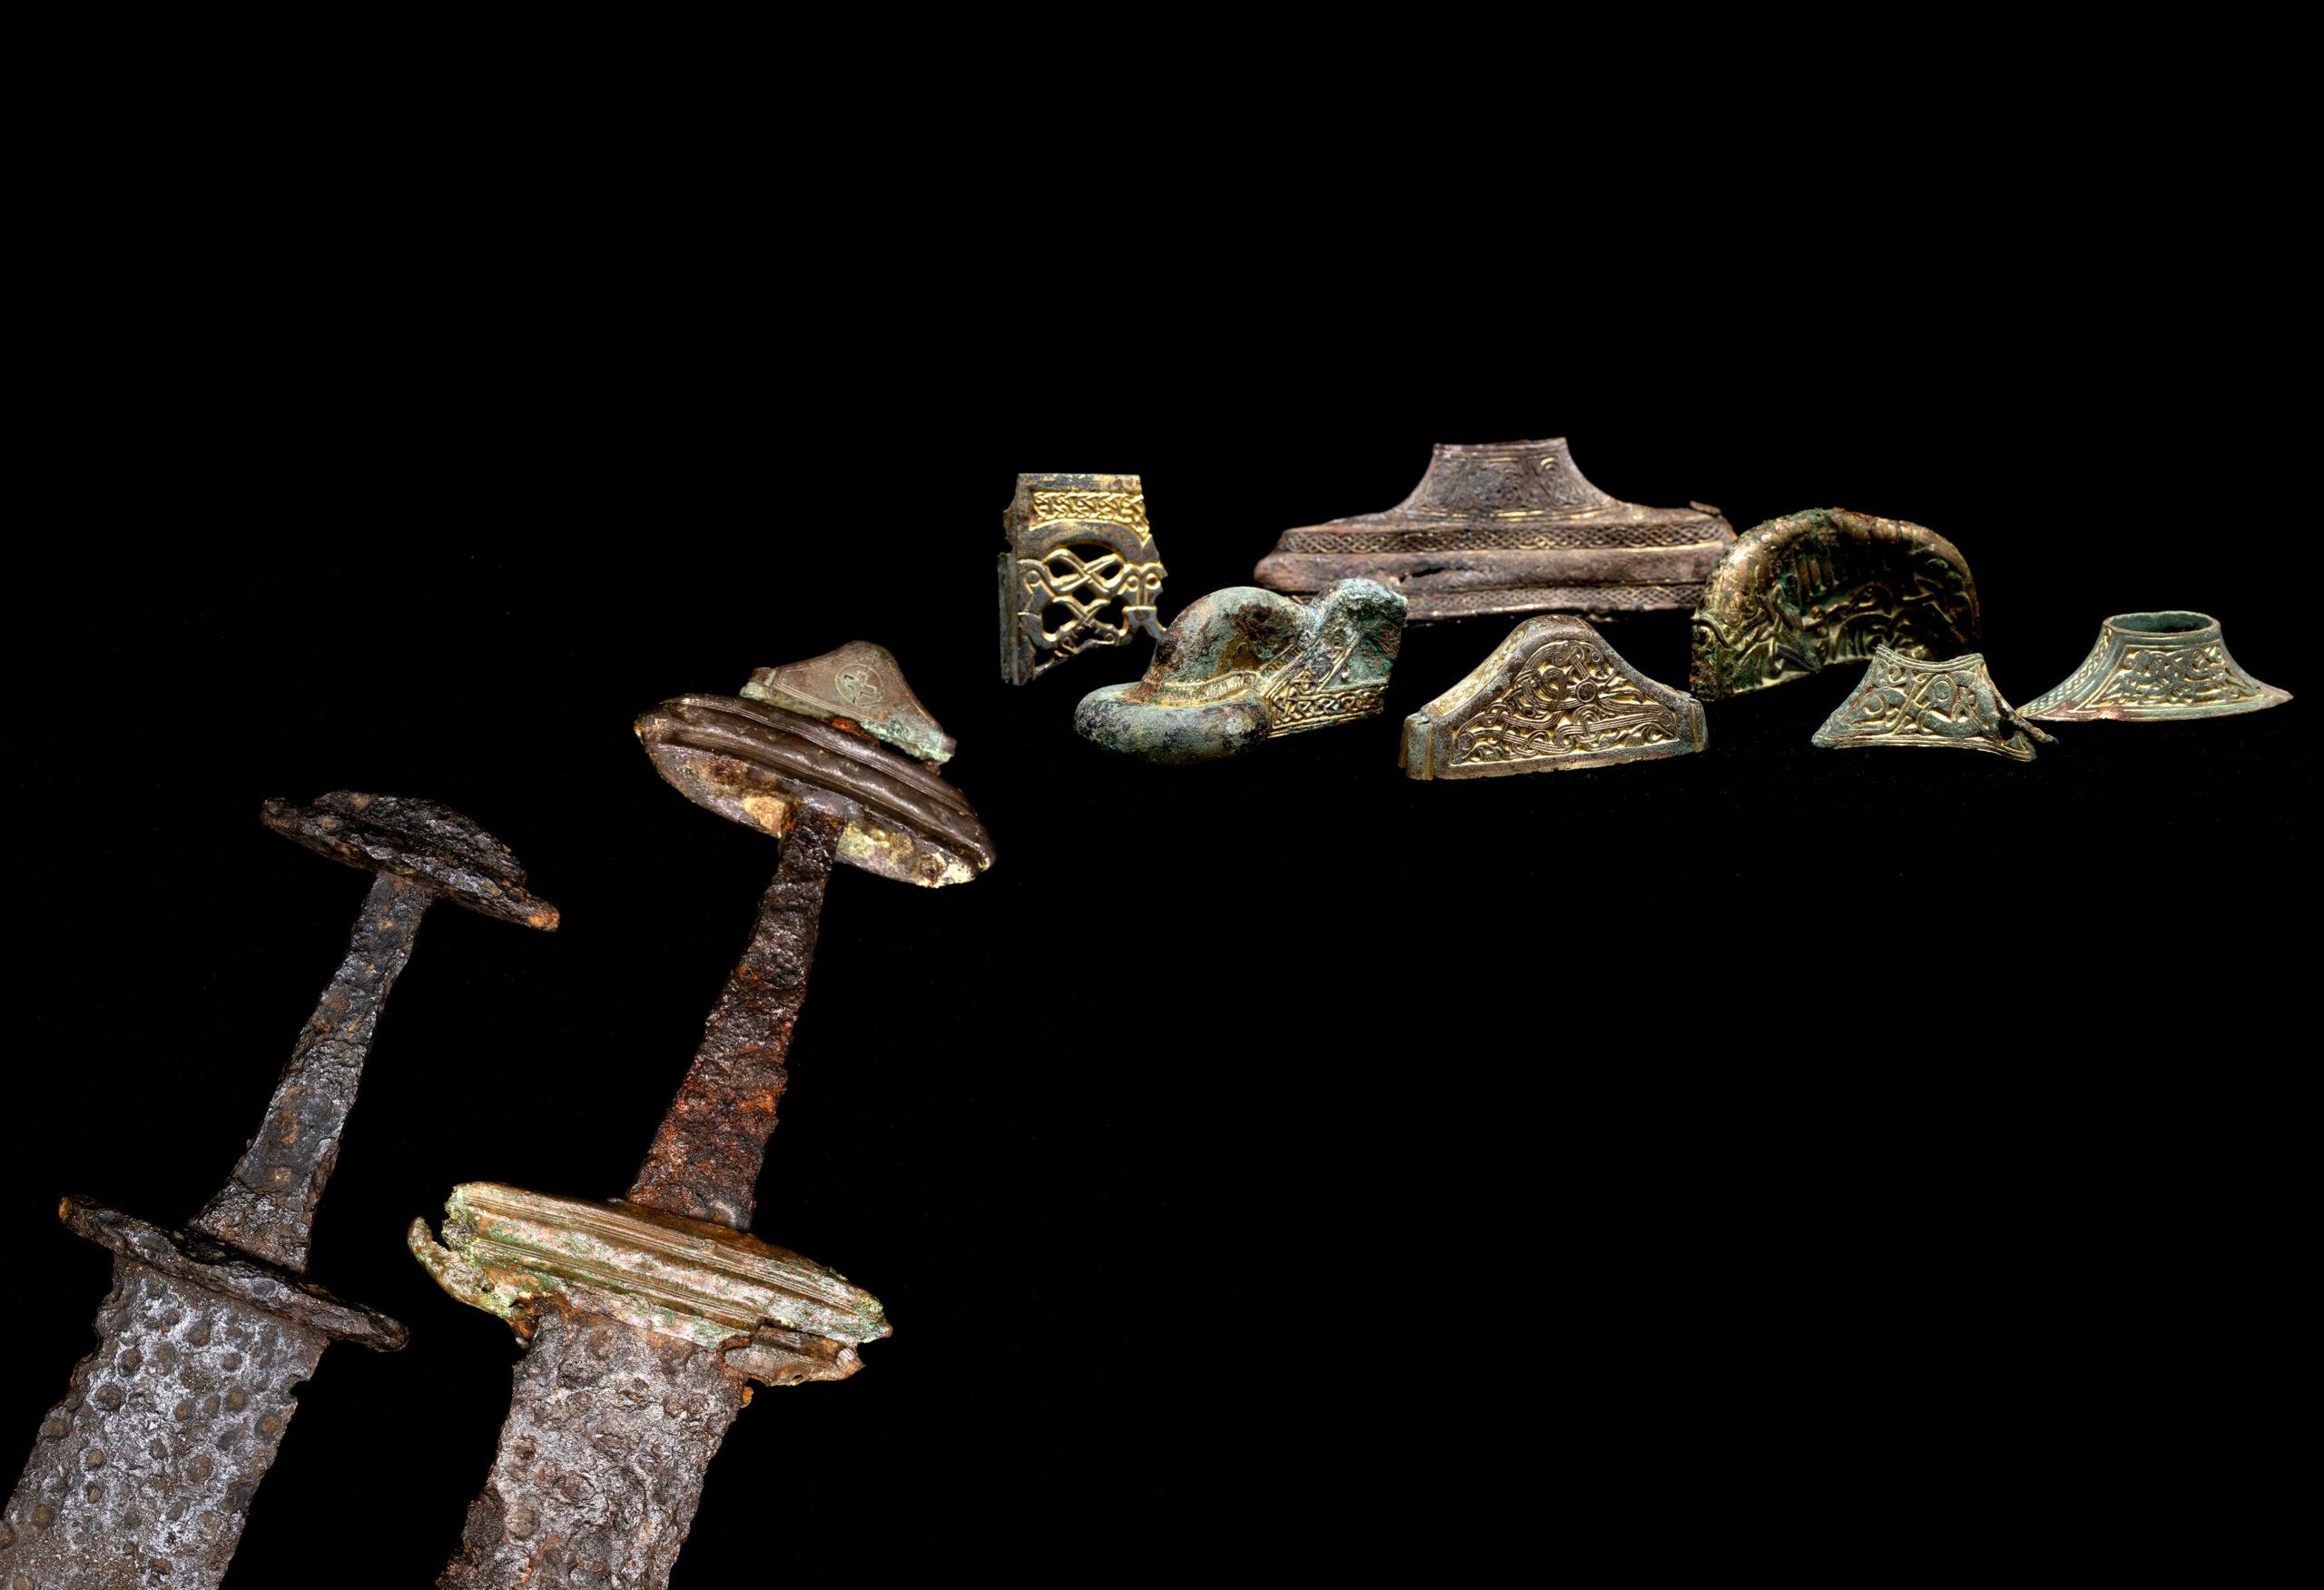 """Mõõgad ja mõõkade kullatud pronksdetailid Salme laevmatusest. Külasta näitust """"Viikingid enne viikingeid"""" Saaremaa muuseumis, kus esmakordselt eksponeeritakse Salme viikingilaeva leidusid. Foto: Valmar Voolaid / Saaremaa muuseum"""